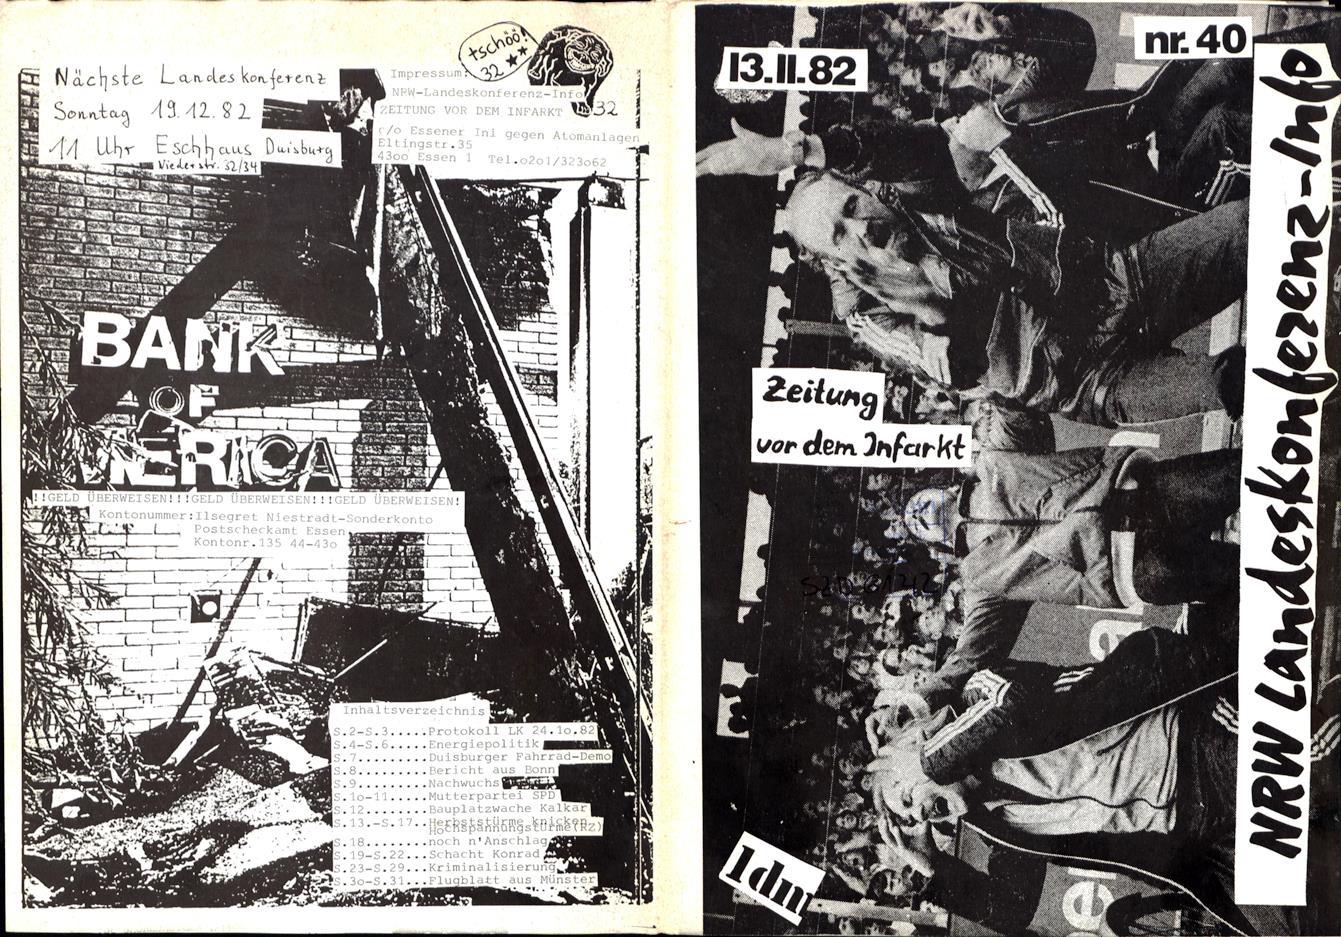 NRW_AKW_LKNRW_19821113_40_01